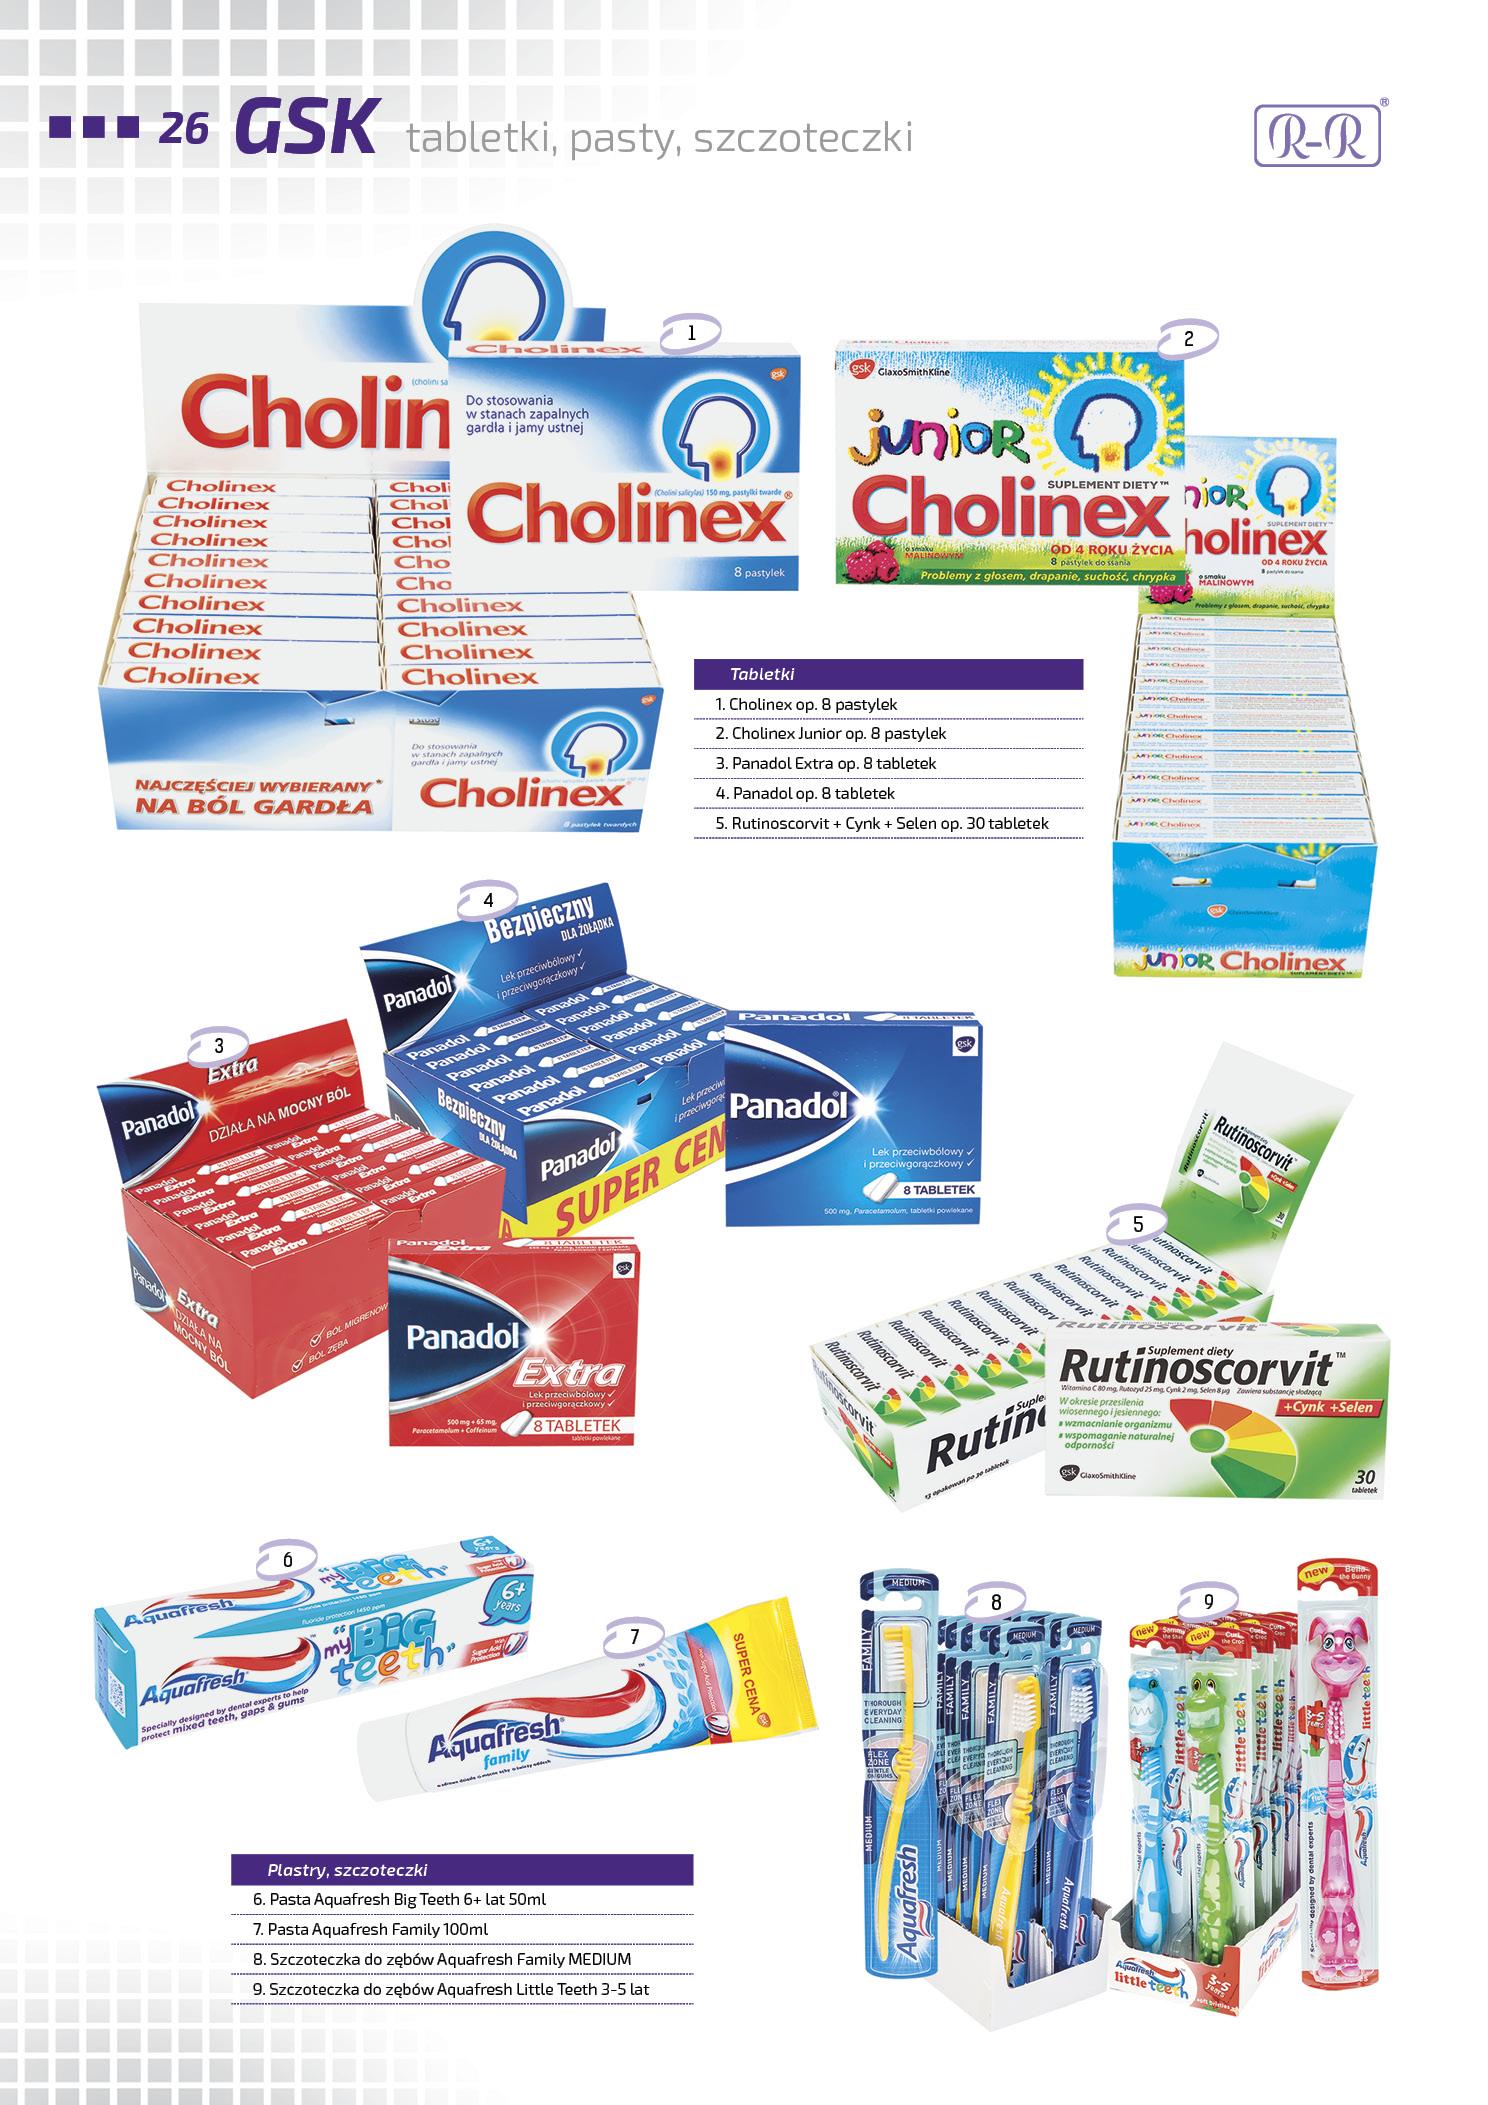 Tabletki GSK / Pasty AquaFresh / Szczoteczki AquaFresh